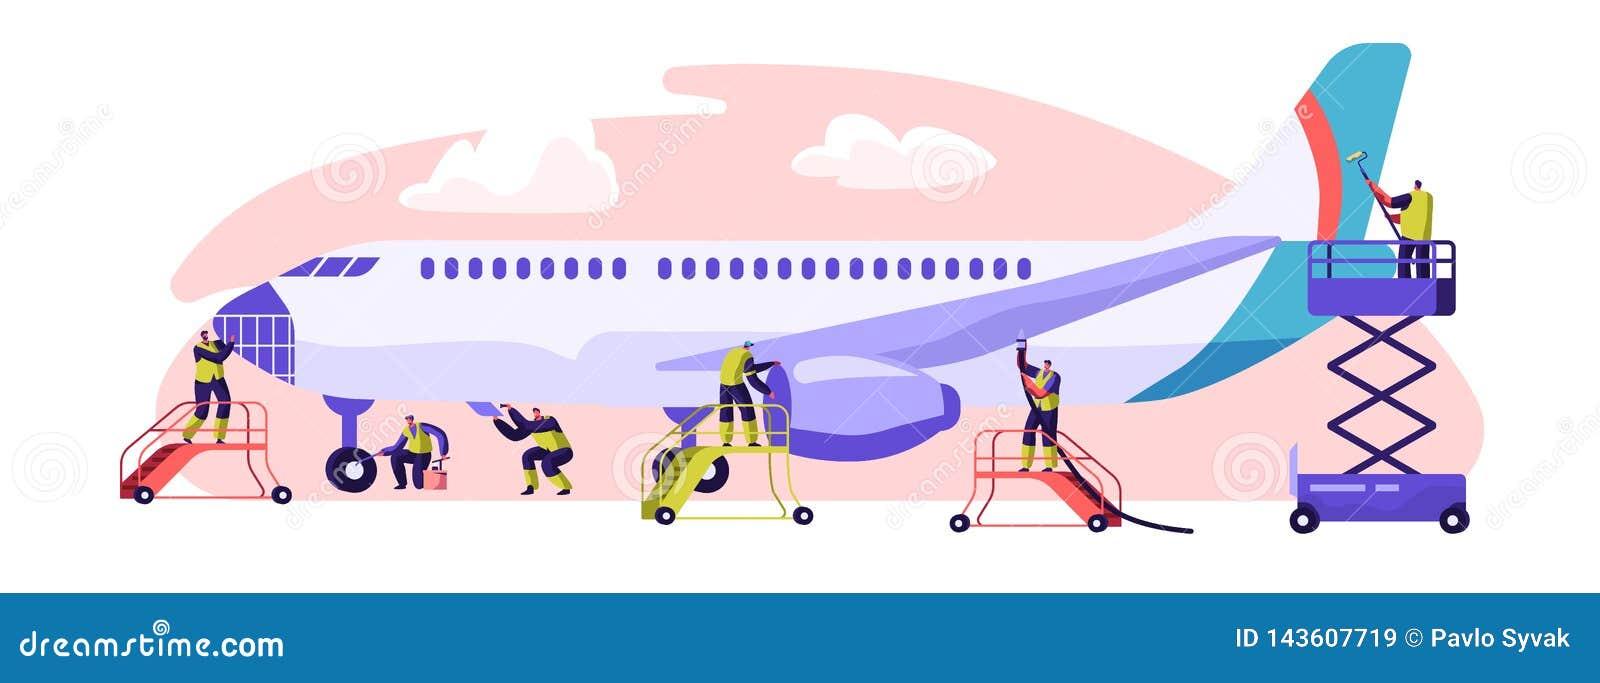 Plant servicebaner Flygplansunderhåll, kontroll och reparation Kapacitet av uppgiften som krävs för att se till att fortsätta luf